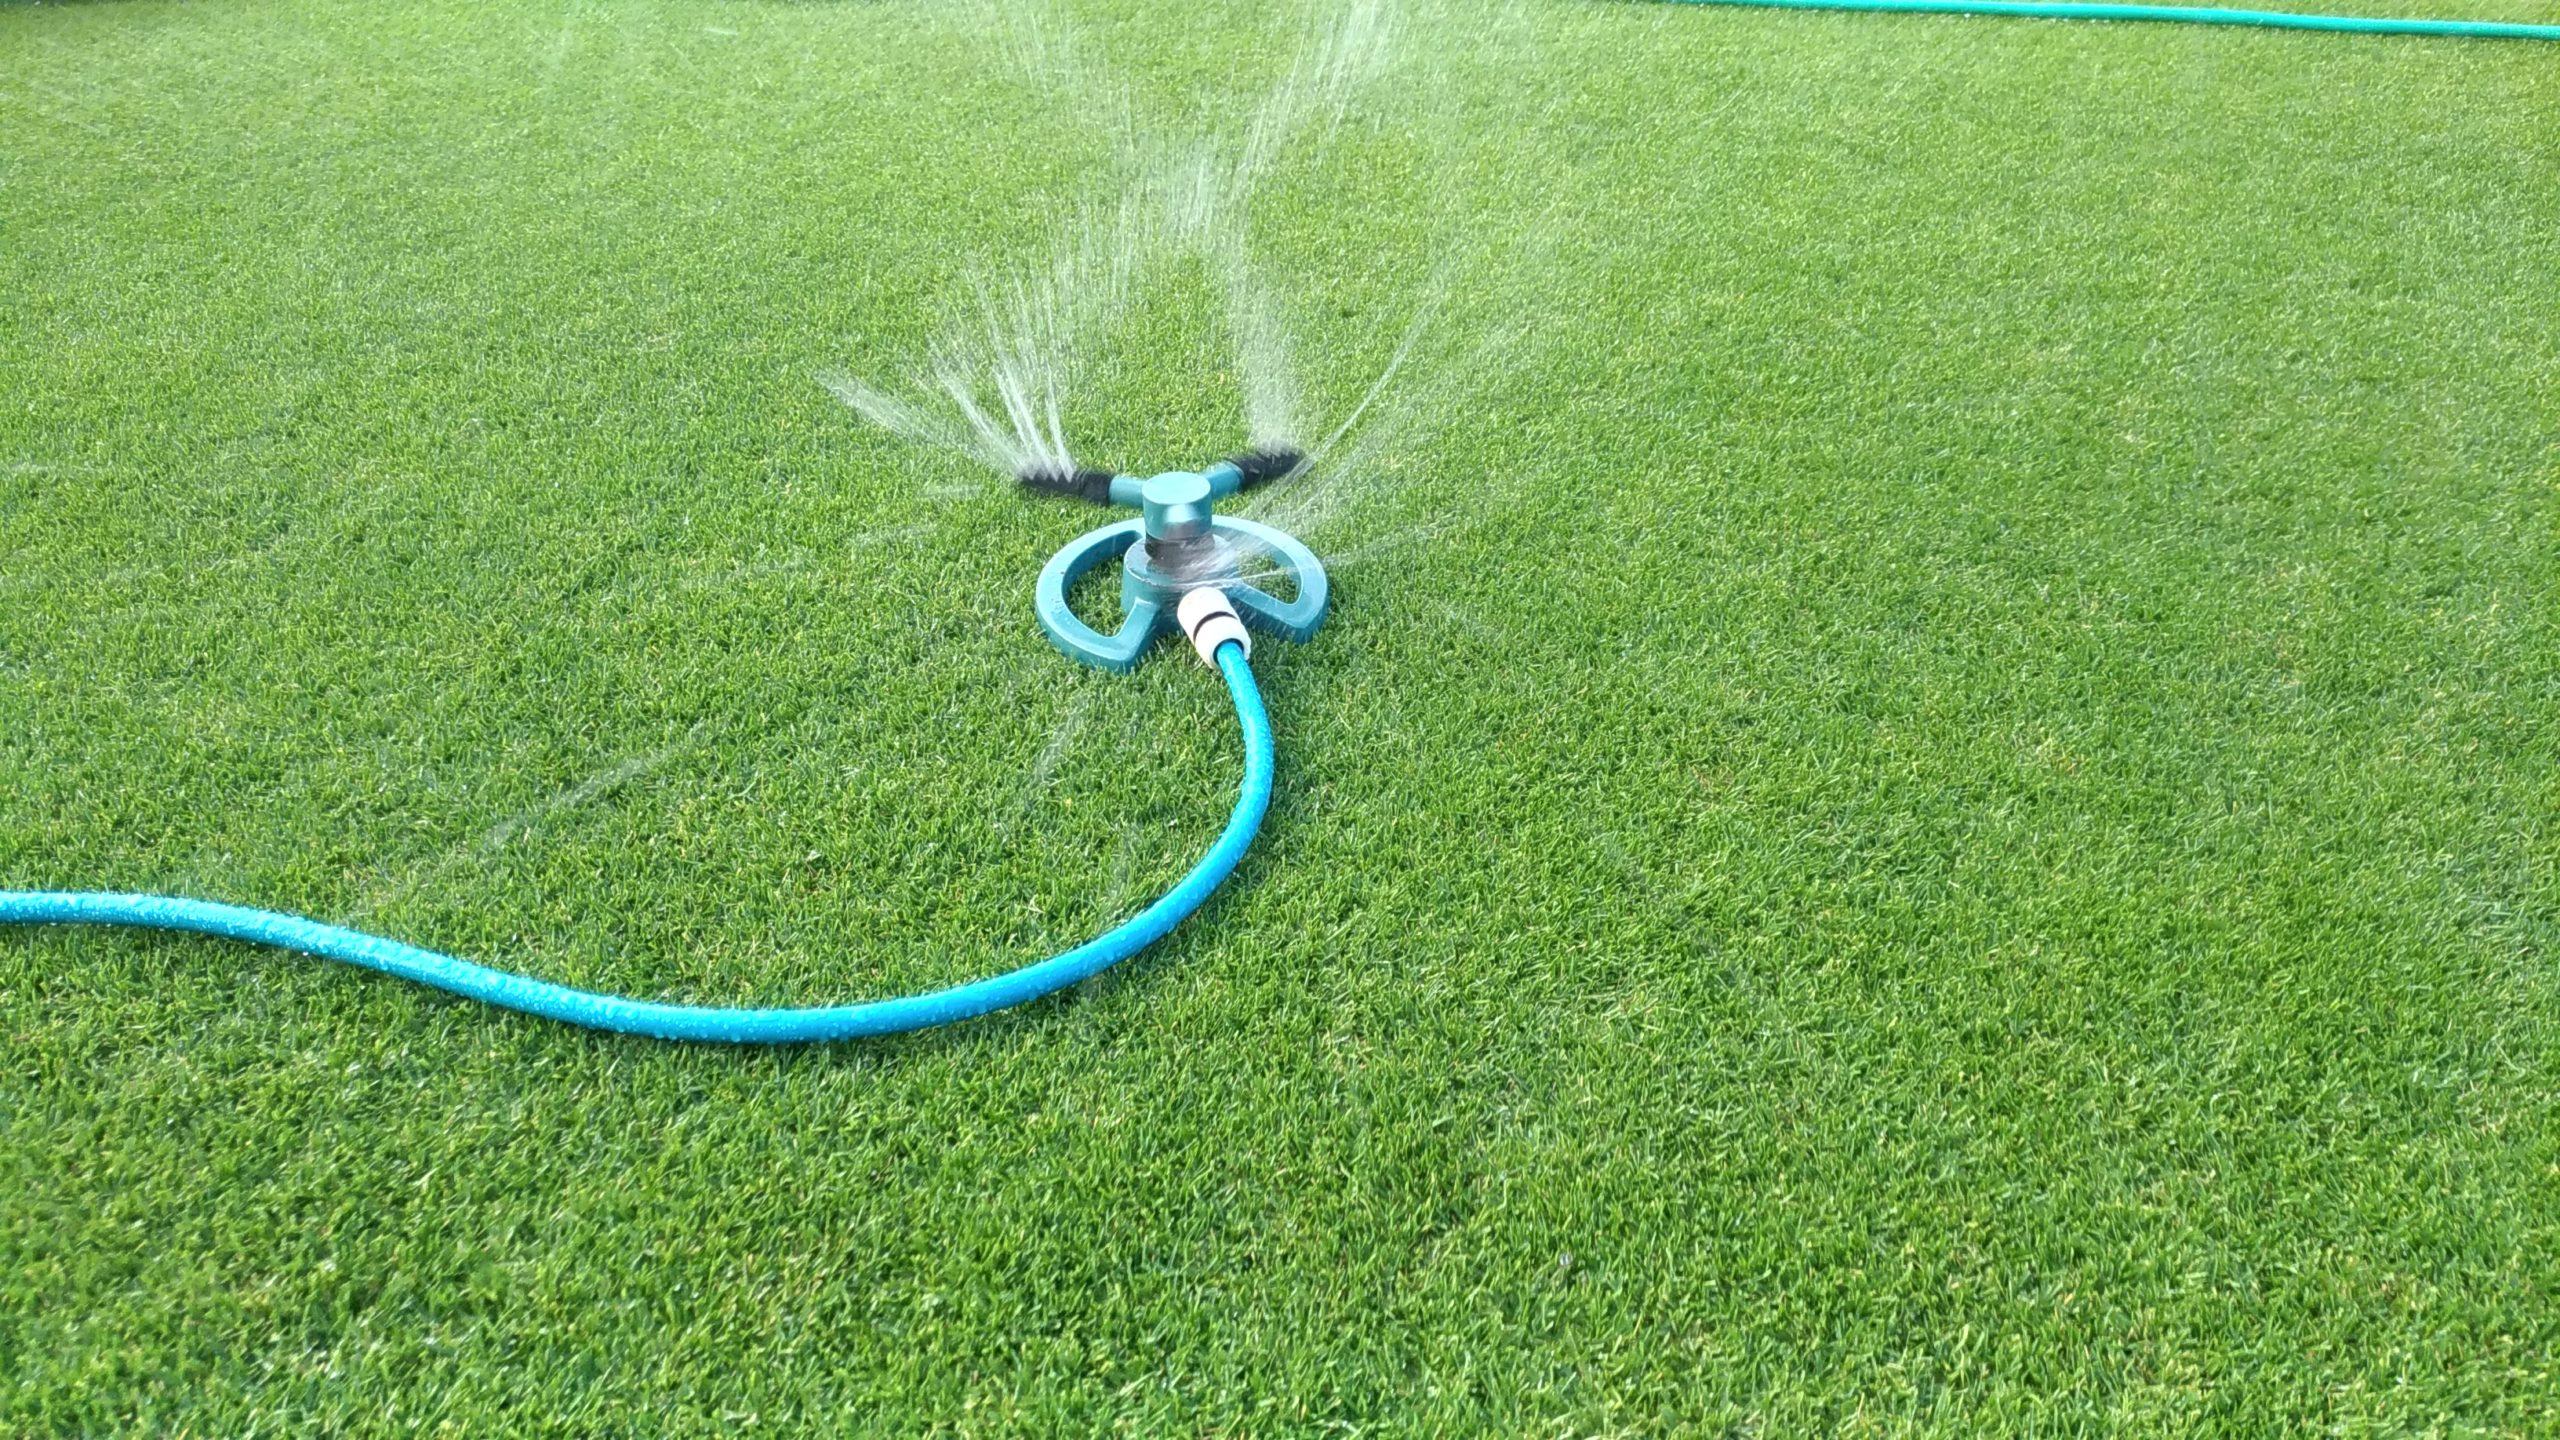 芝生の水やりにスプリンクラー😃✨